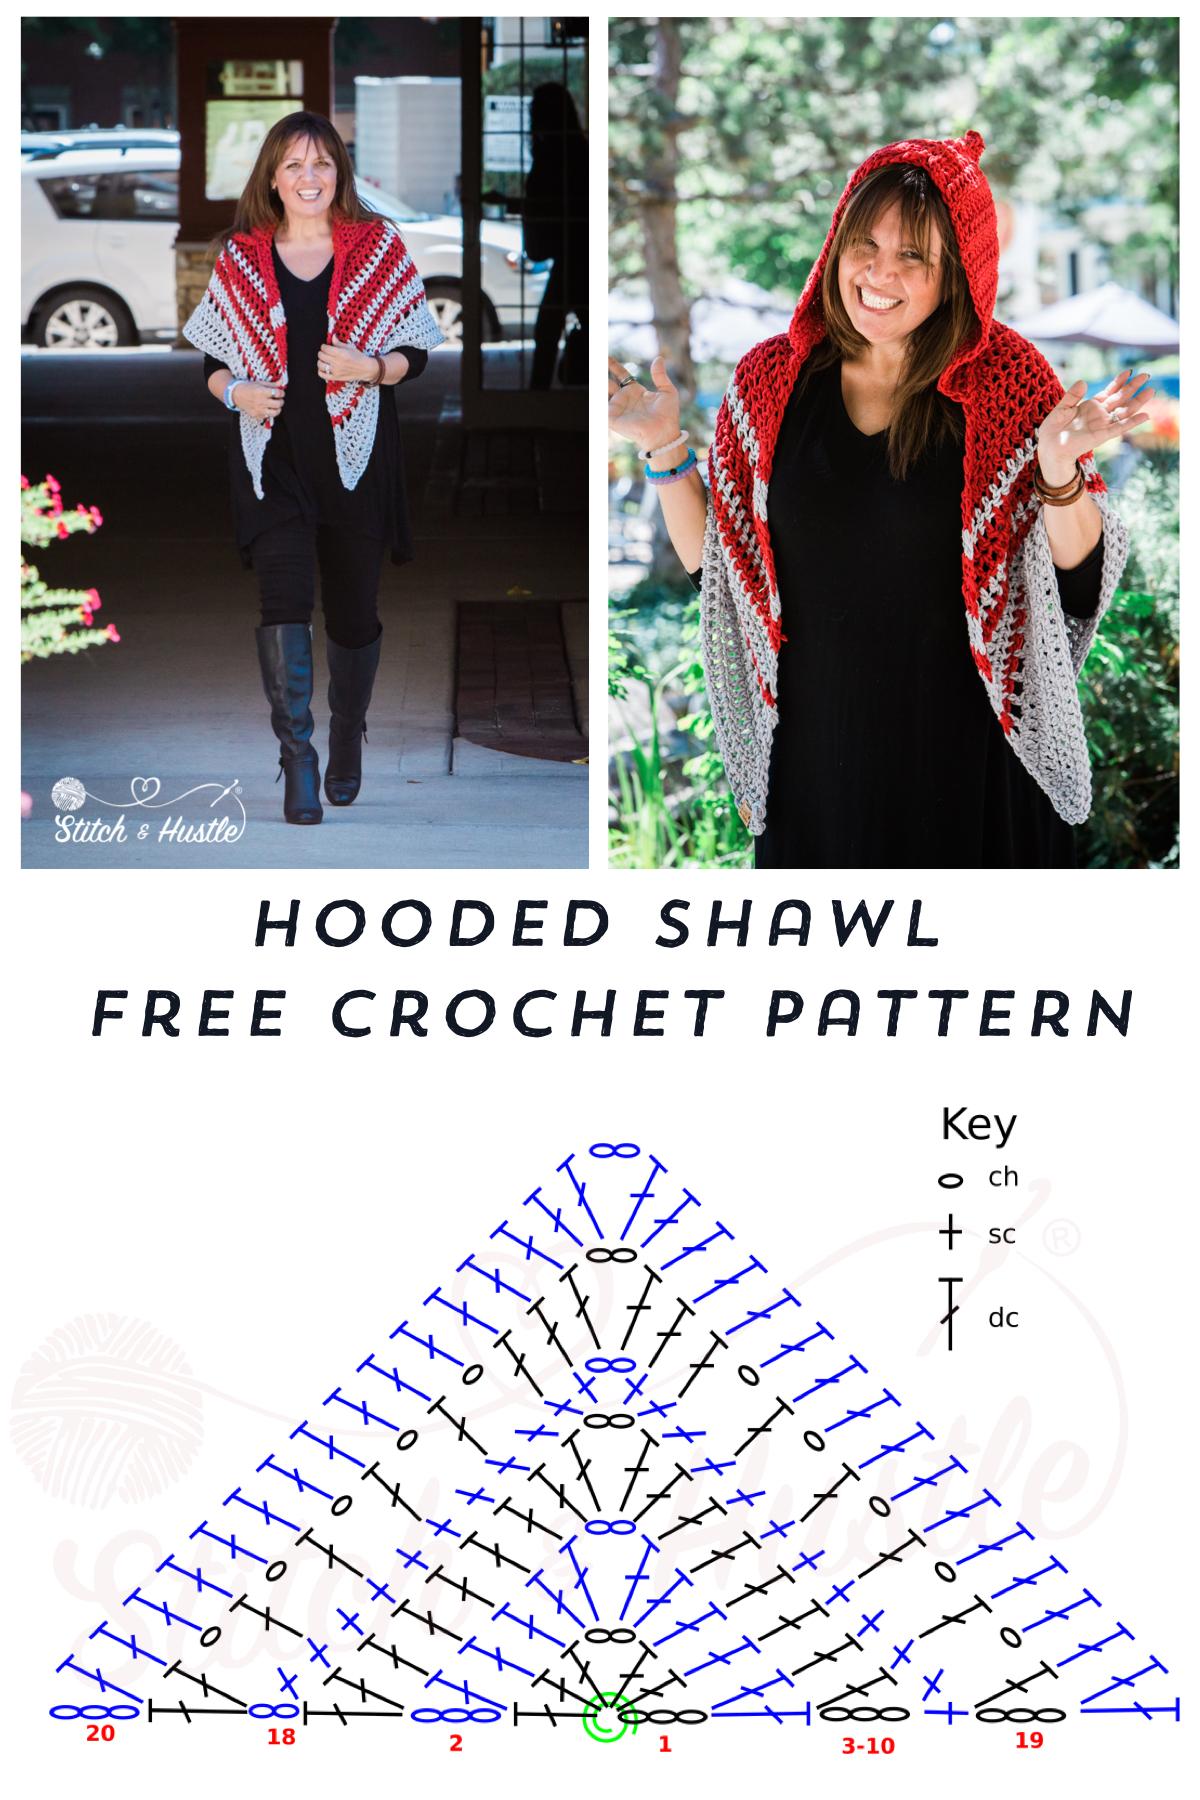 woodward_hooded_shawl_free_crochet_pattern_1.jpg